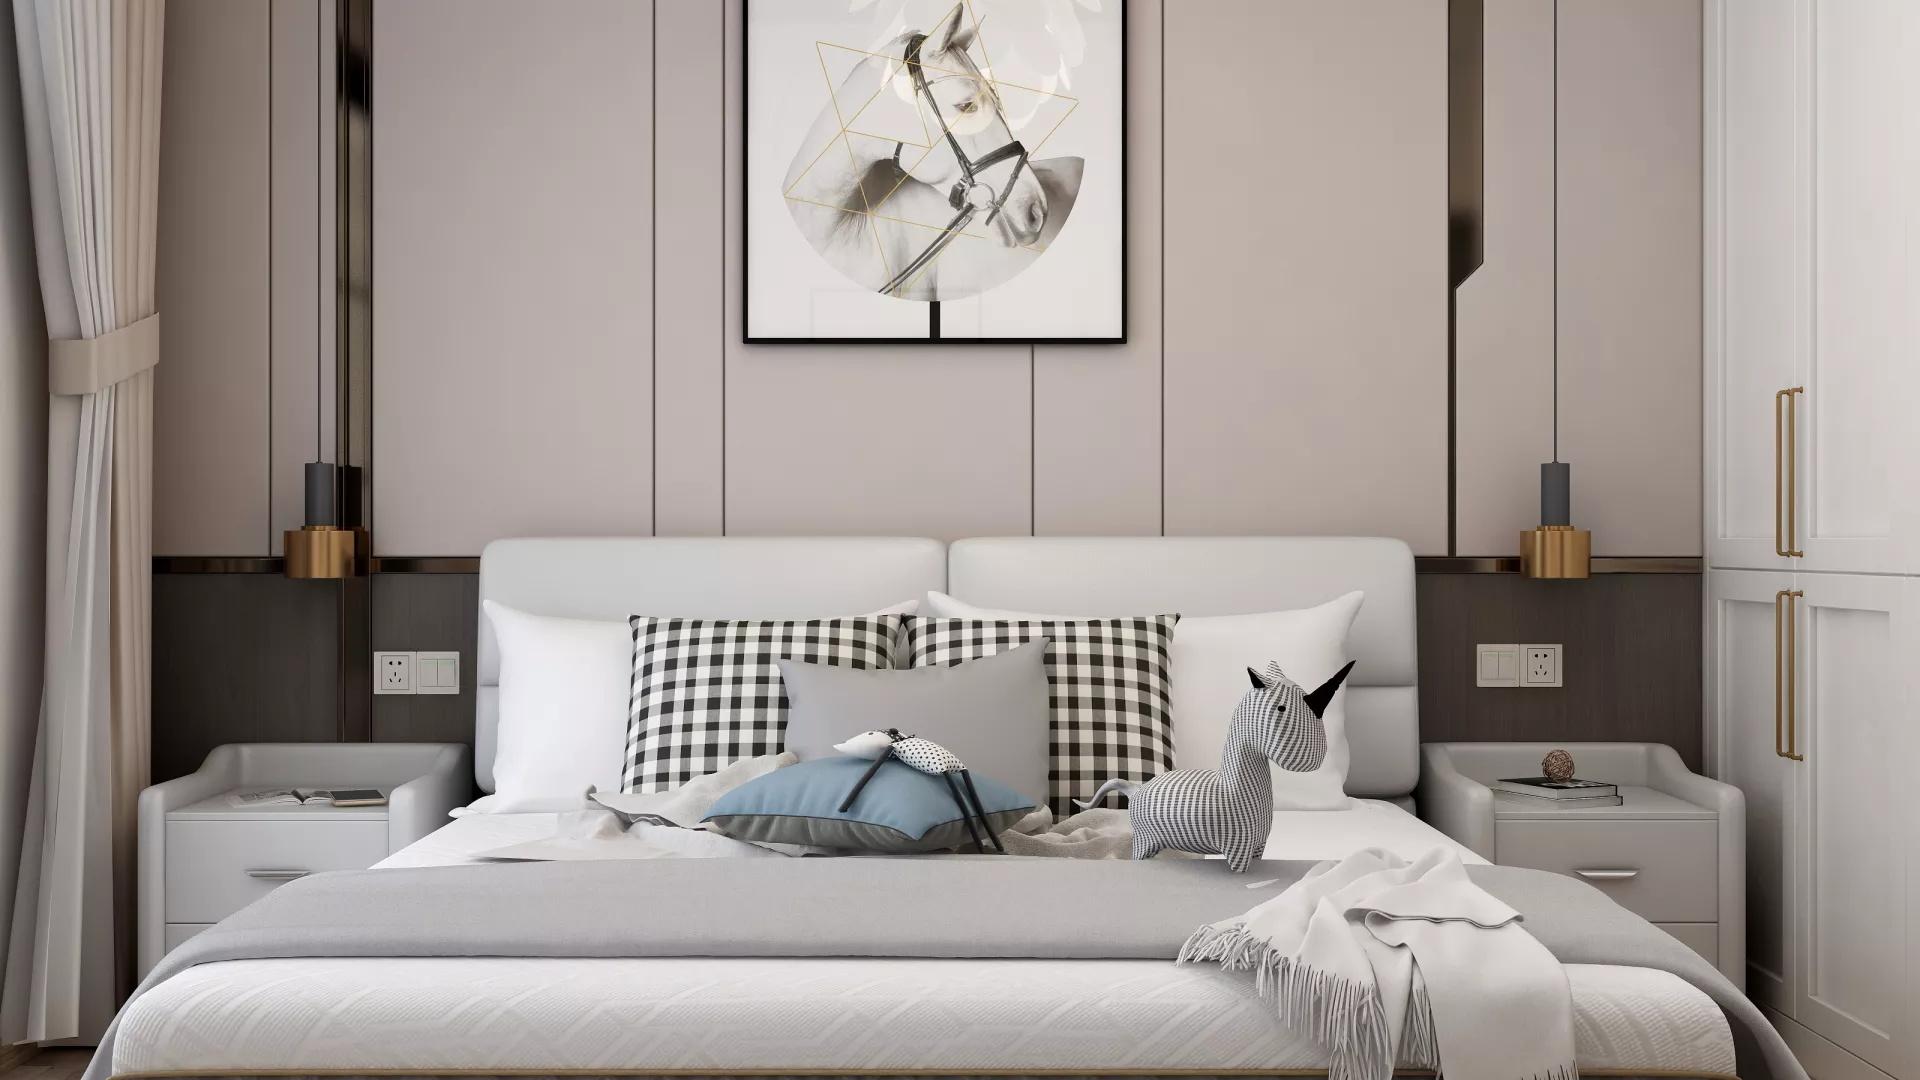 简约现代风格三居室家居装修效果图